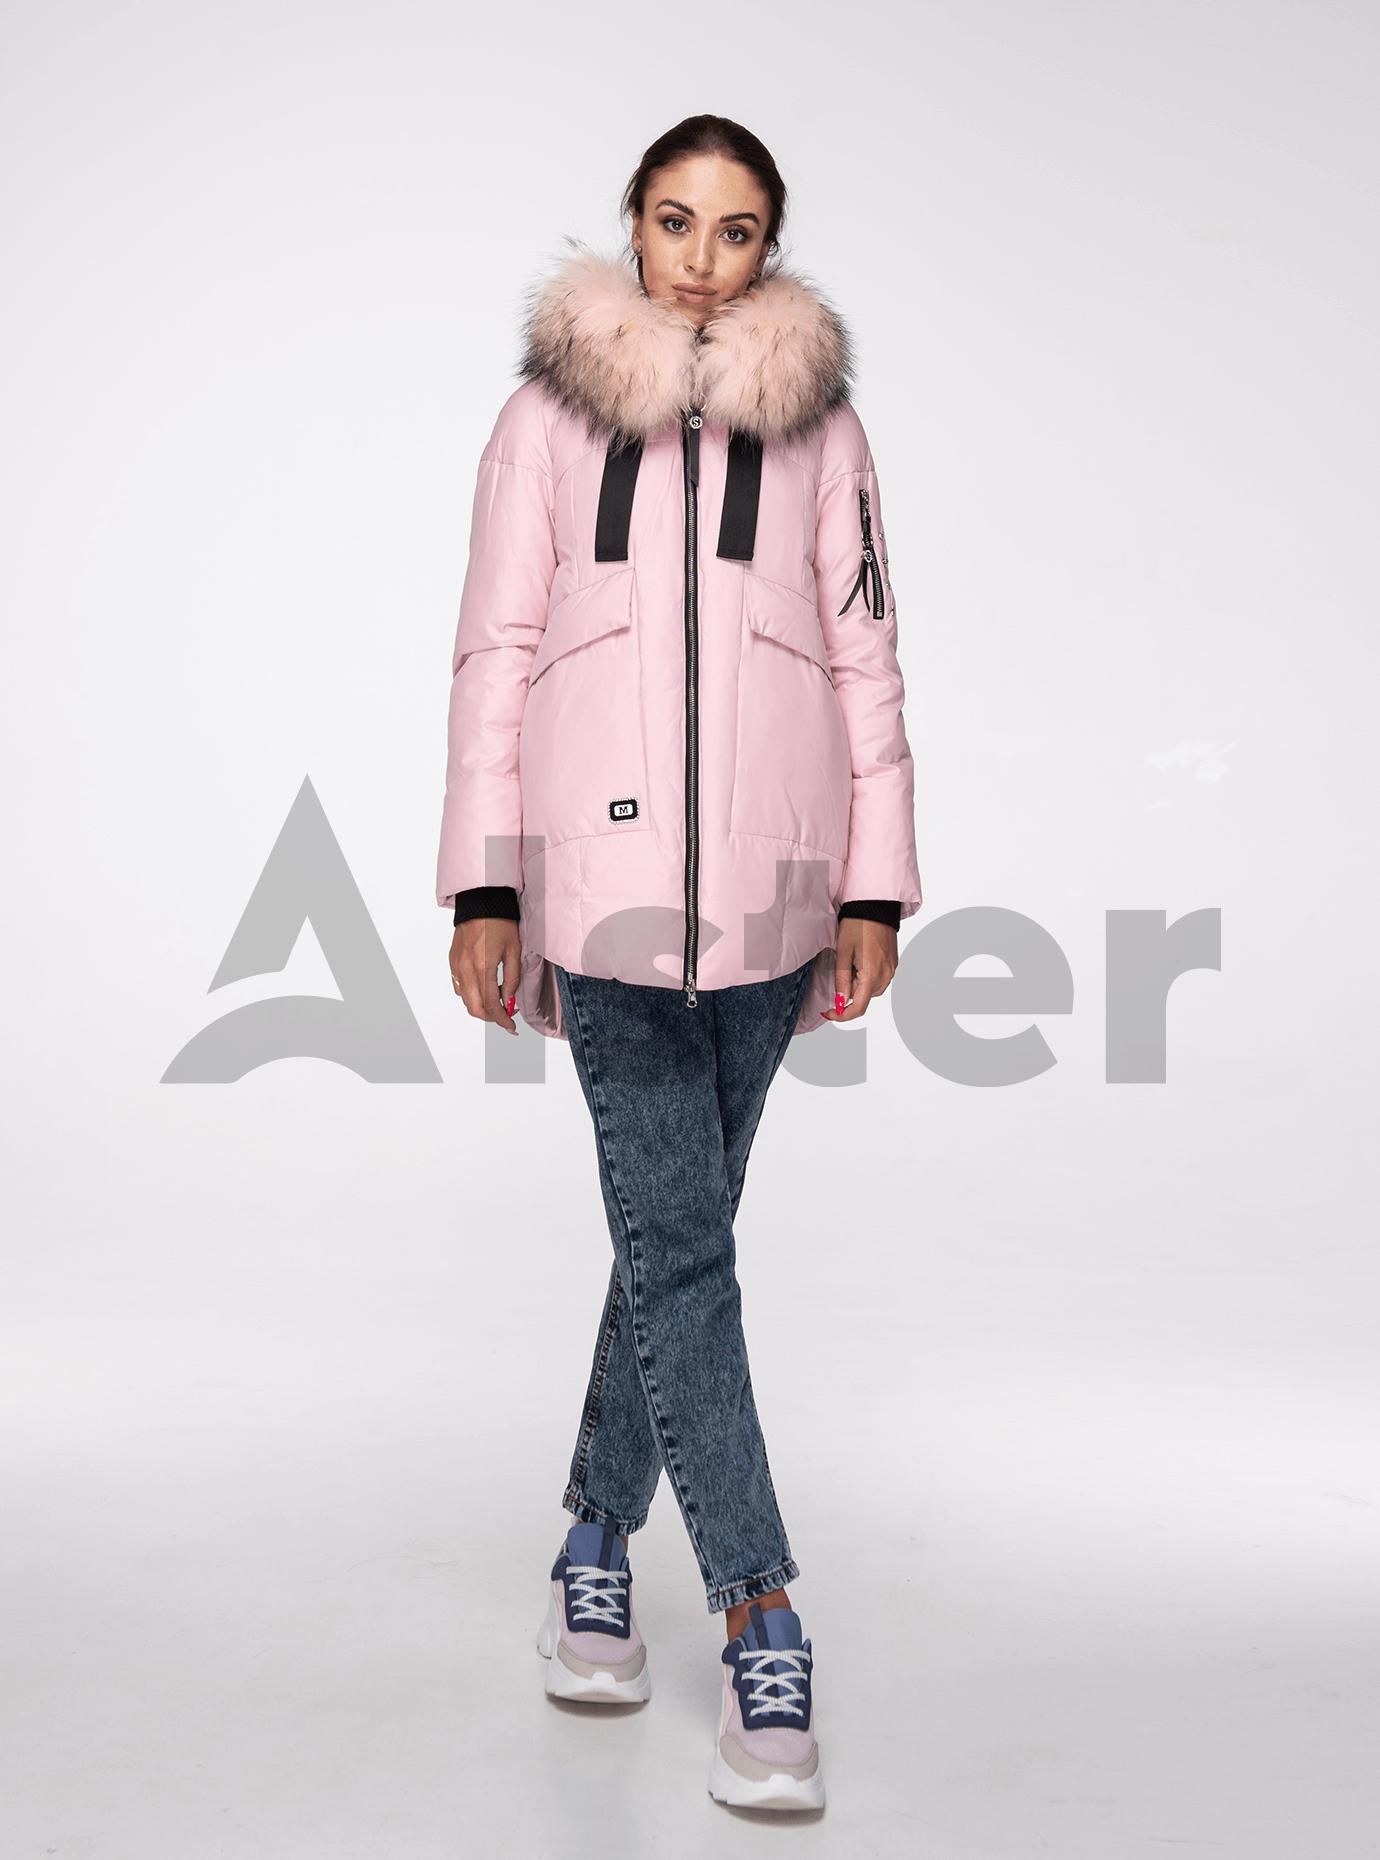 Куртка зимняя с мехом енота Розовый M (02-V191093): фото - Alster.ua